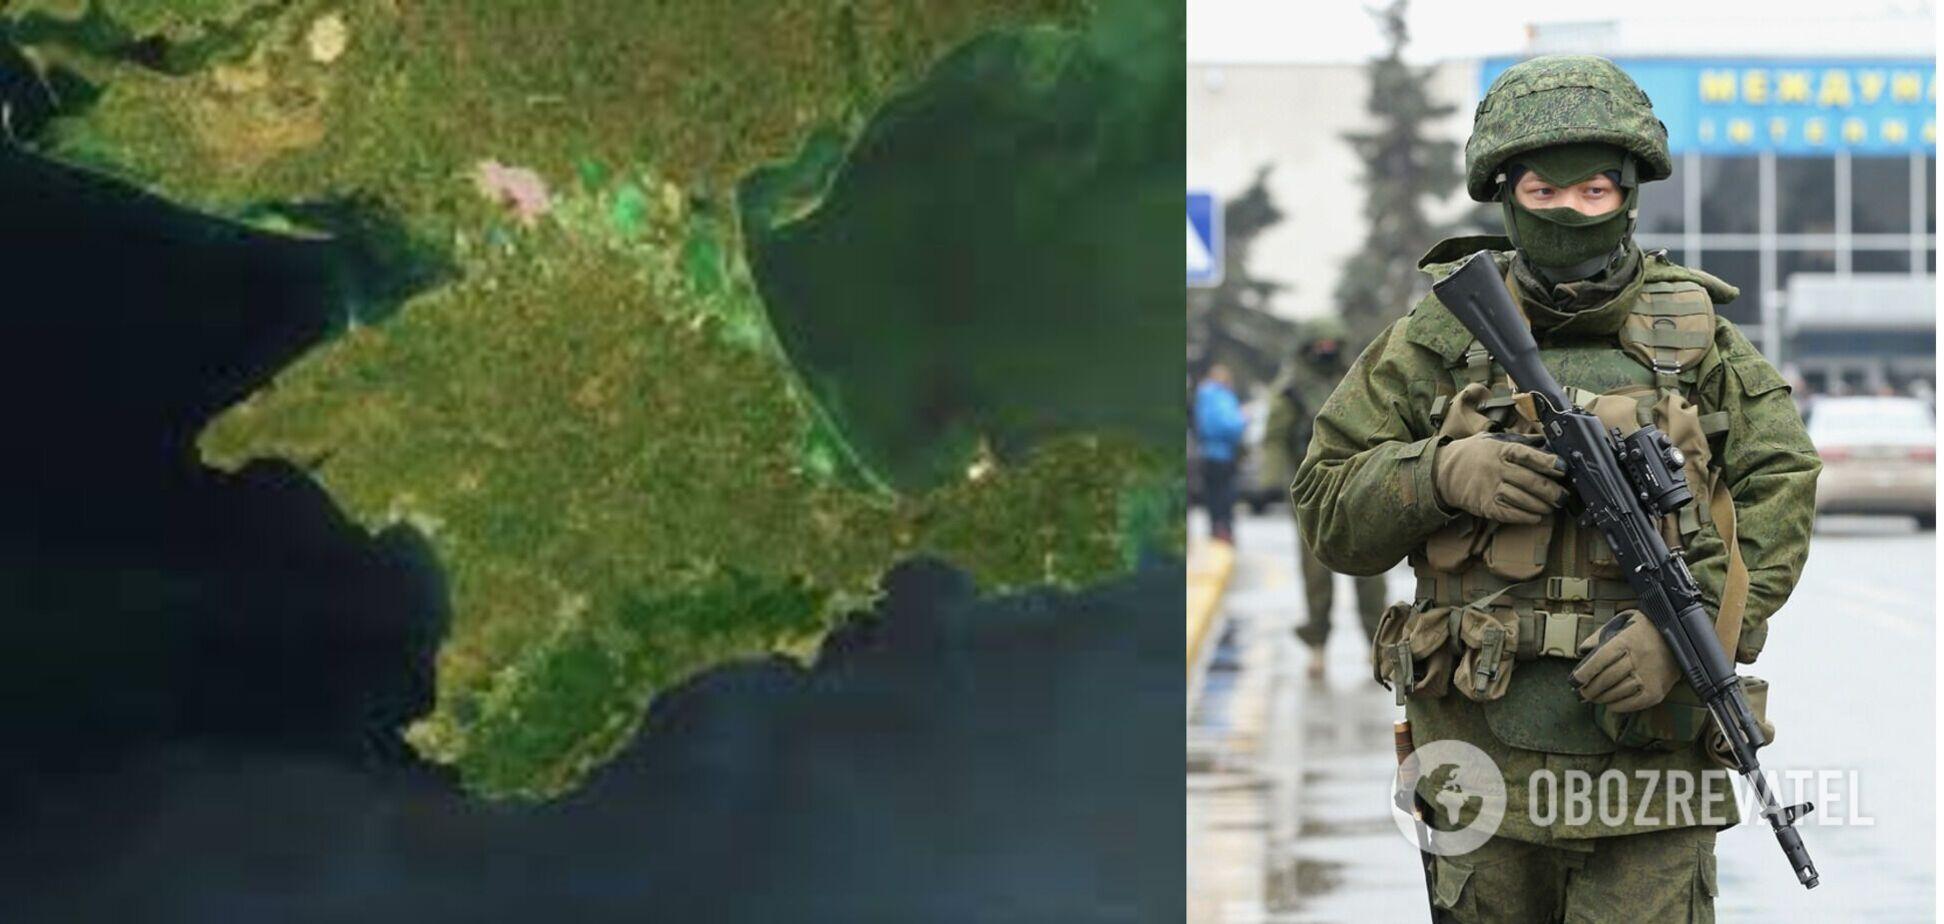 Росія перетворила Крим на військову базу із загрозою для ЄС і НАТО – МЗС